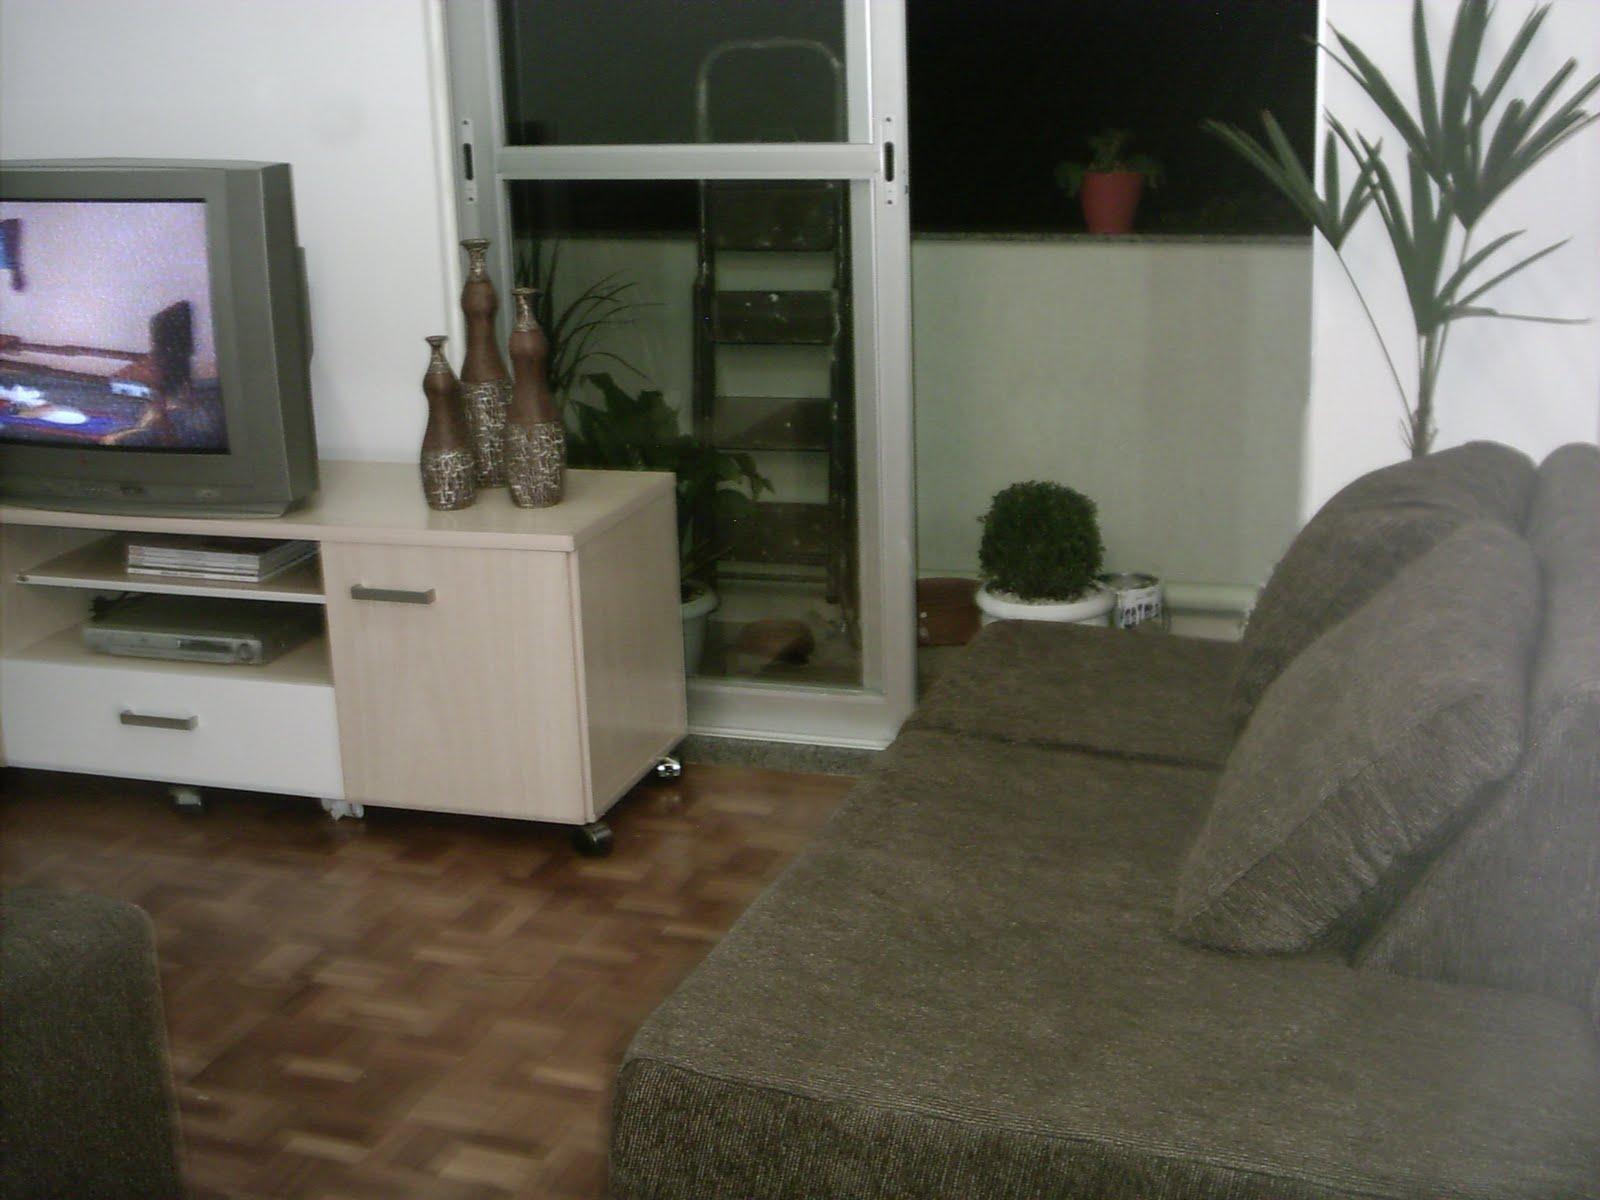 #5C4D39  de sala pequena com sofá cinzaIdéias de decoração para casa 1600x1200 píxeis em Decoração De Sala Pequena Com Sofa De Canto